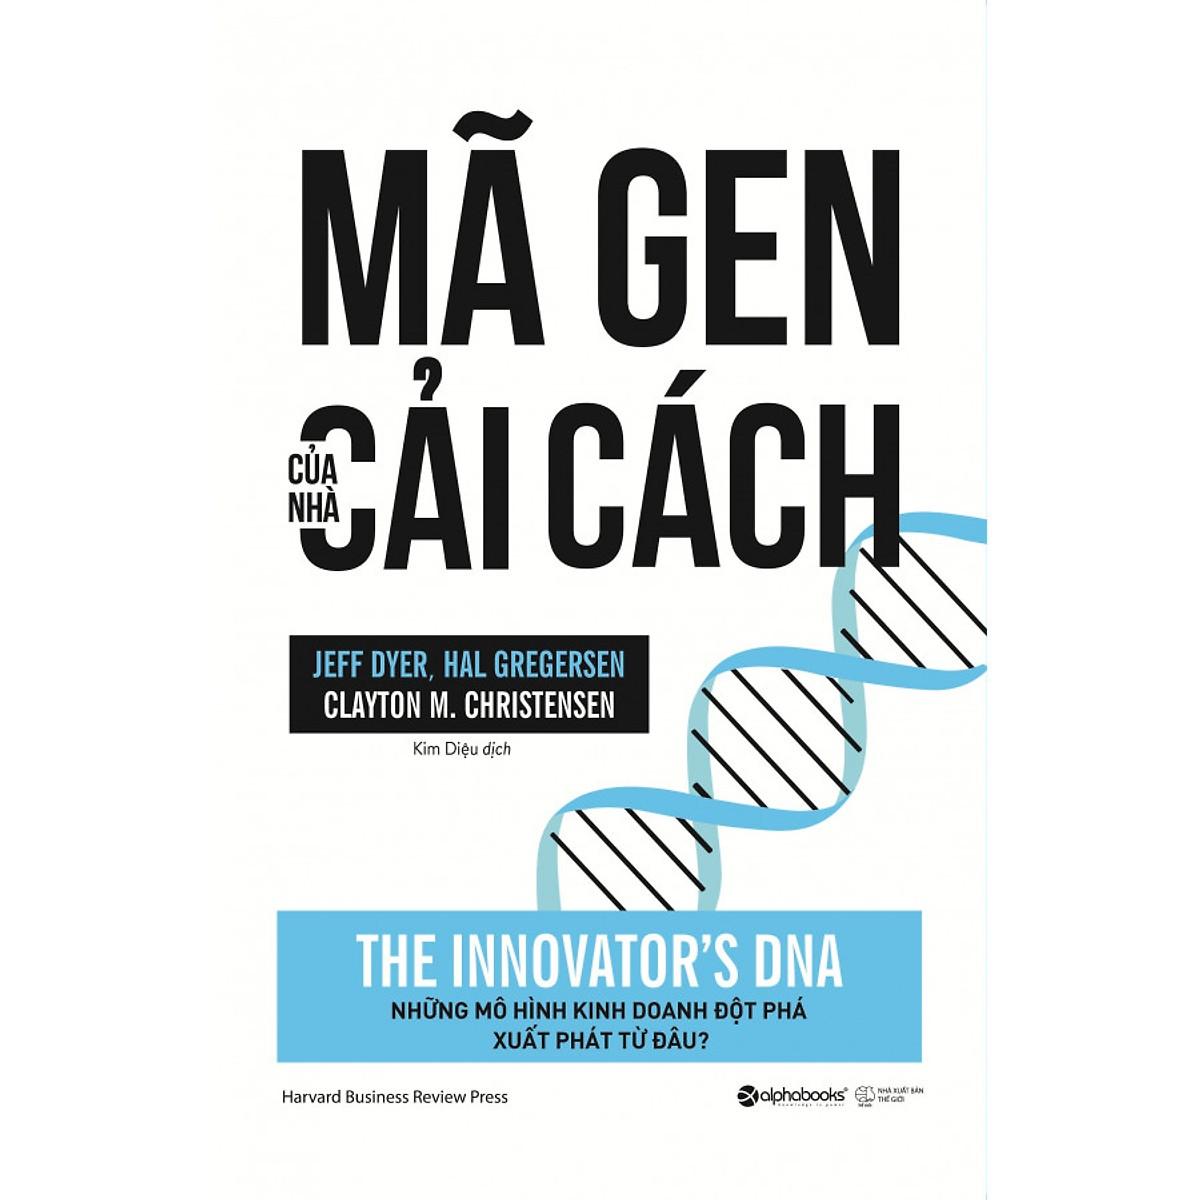 Bộ Sách Về Đổi Mới Sáng Tạo Dành Cho Các CEO ( Giải Pháp Cho Đổi Mới Và Sáng Tạo + Đổi Mới Từ Cốt Lõi + Mã Gen Của Nhà Cải Cách ) (Tặng Tickbook đặc biệt)